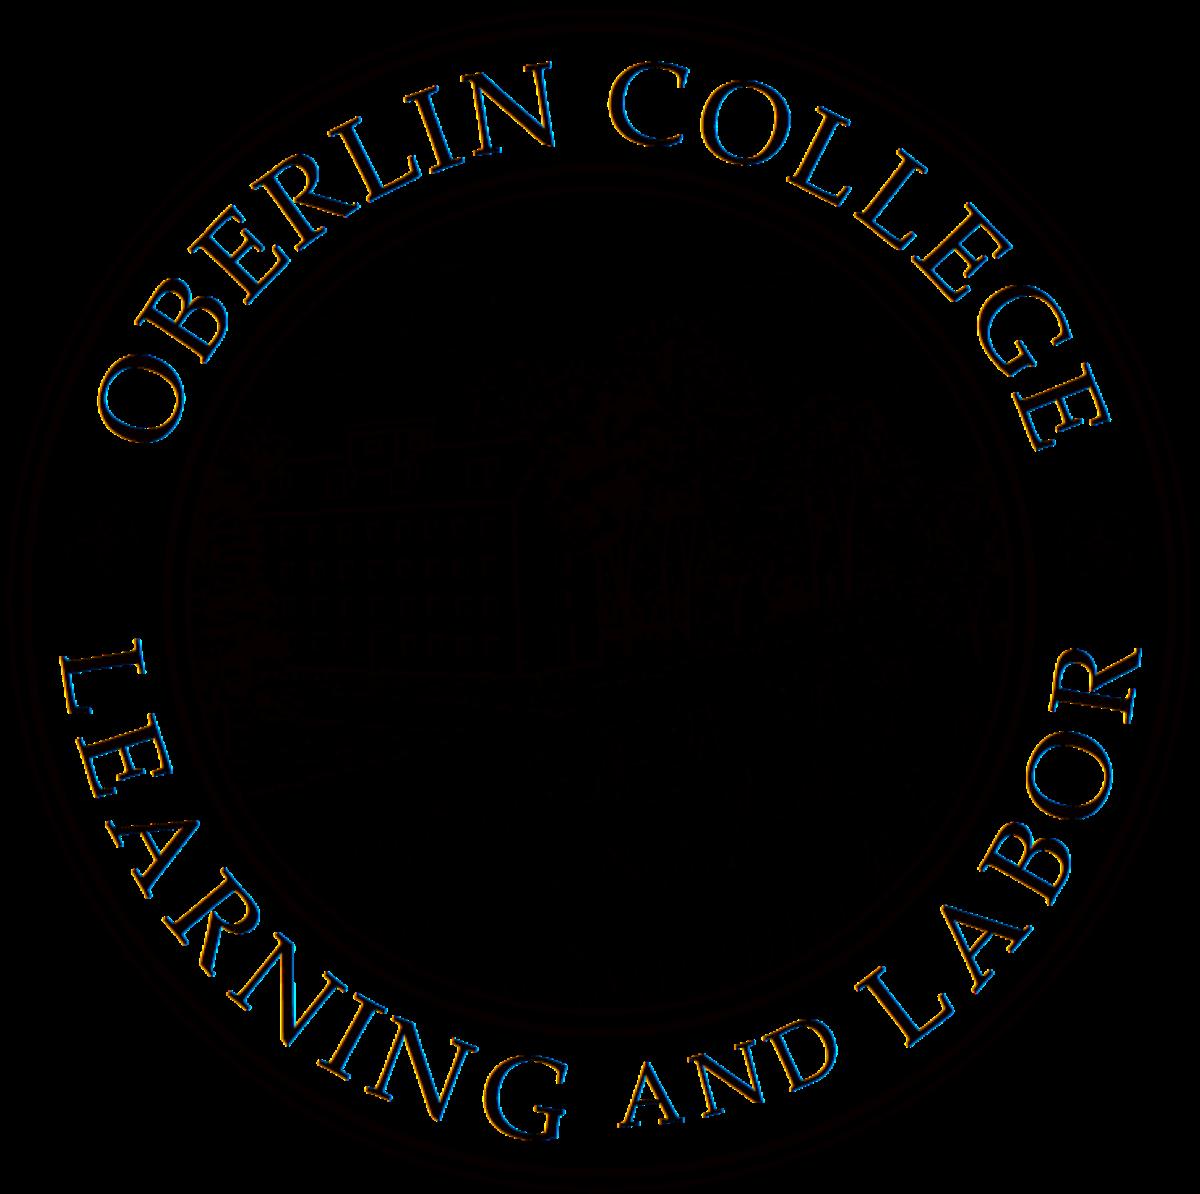 Oberlin college wikipedia . Number 1 clipart collegiate